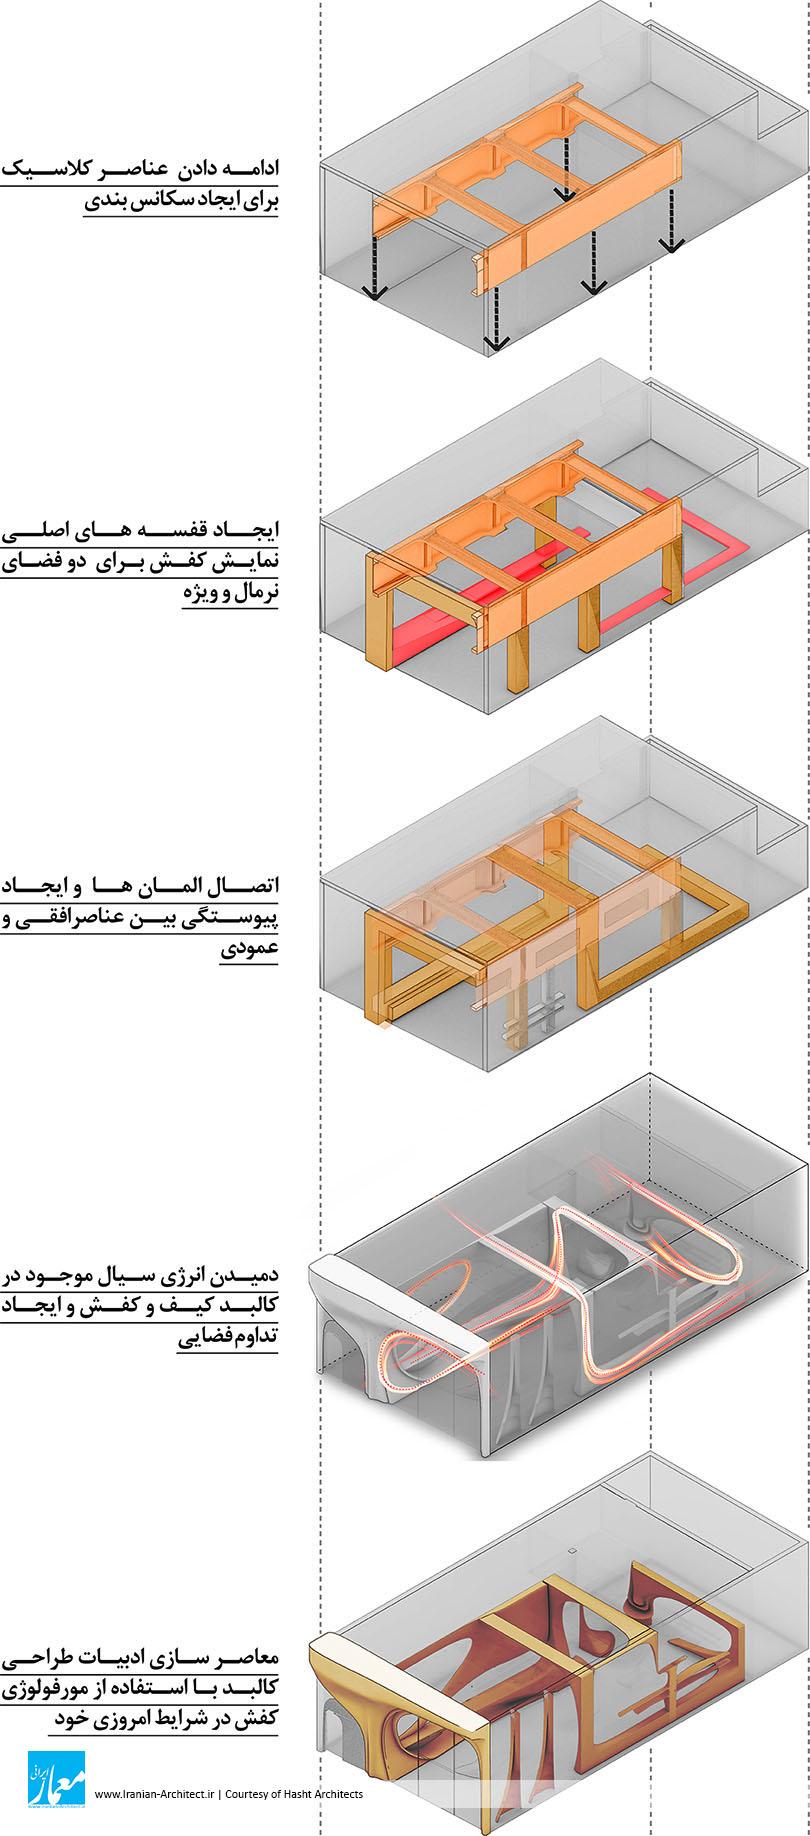 بازسازی فروشگاه کیف و کفش کالو / مهندسین مشاور هشت